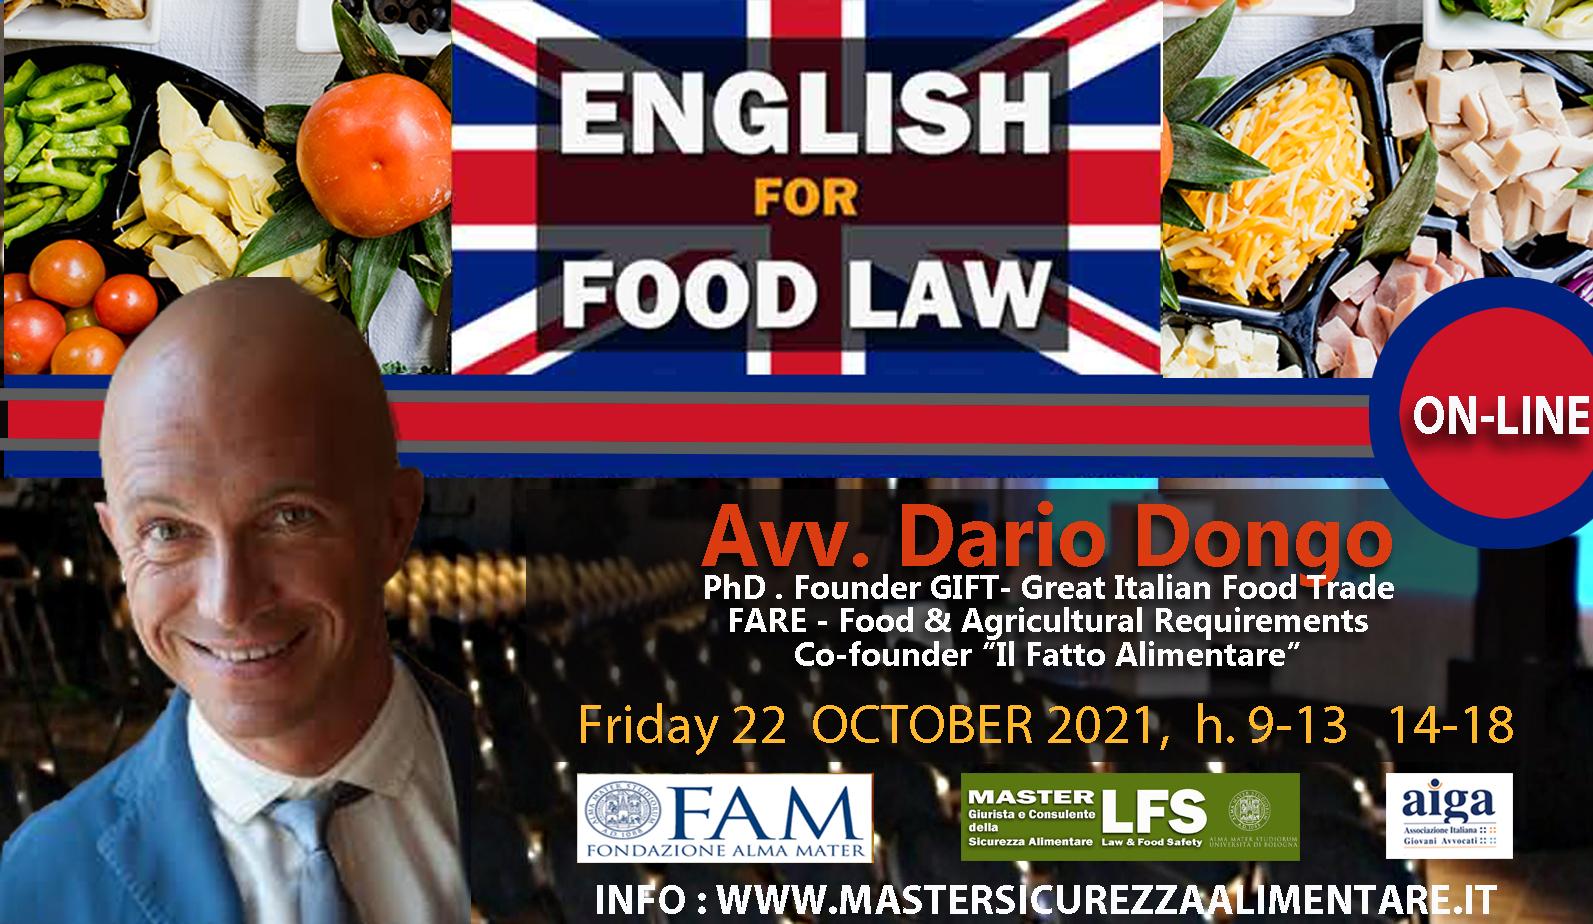 CORSO DI FORMAZIONE ENGLISH FOR FOOD LAW - 22 OTTOBRE 2021